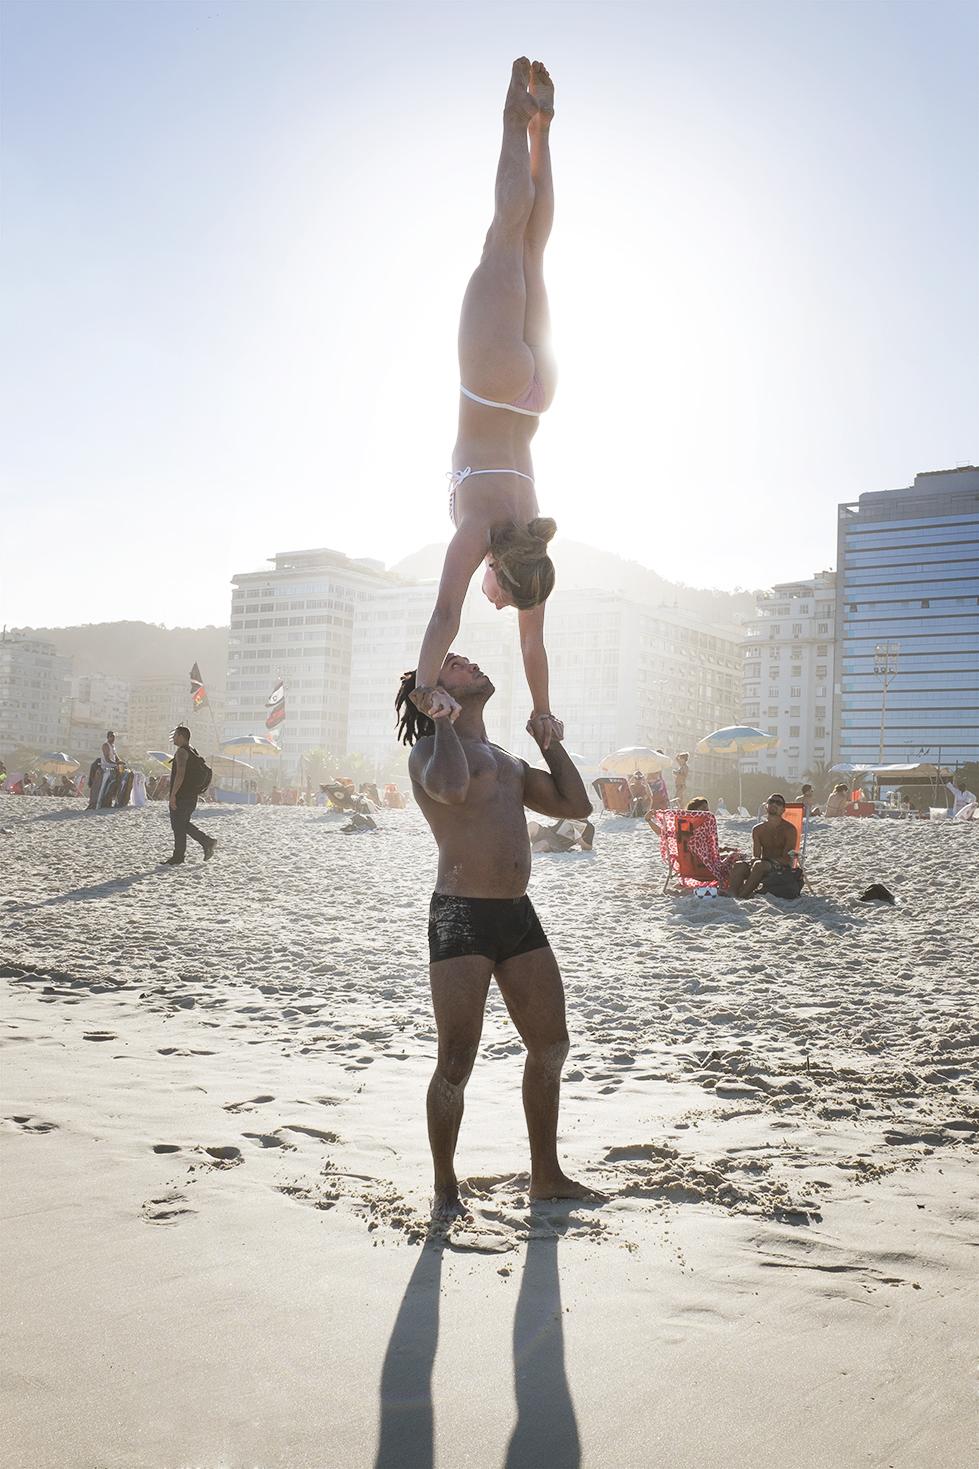 diephuis-brazil-rio-handstand.jpg